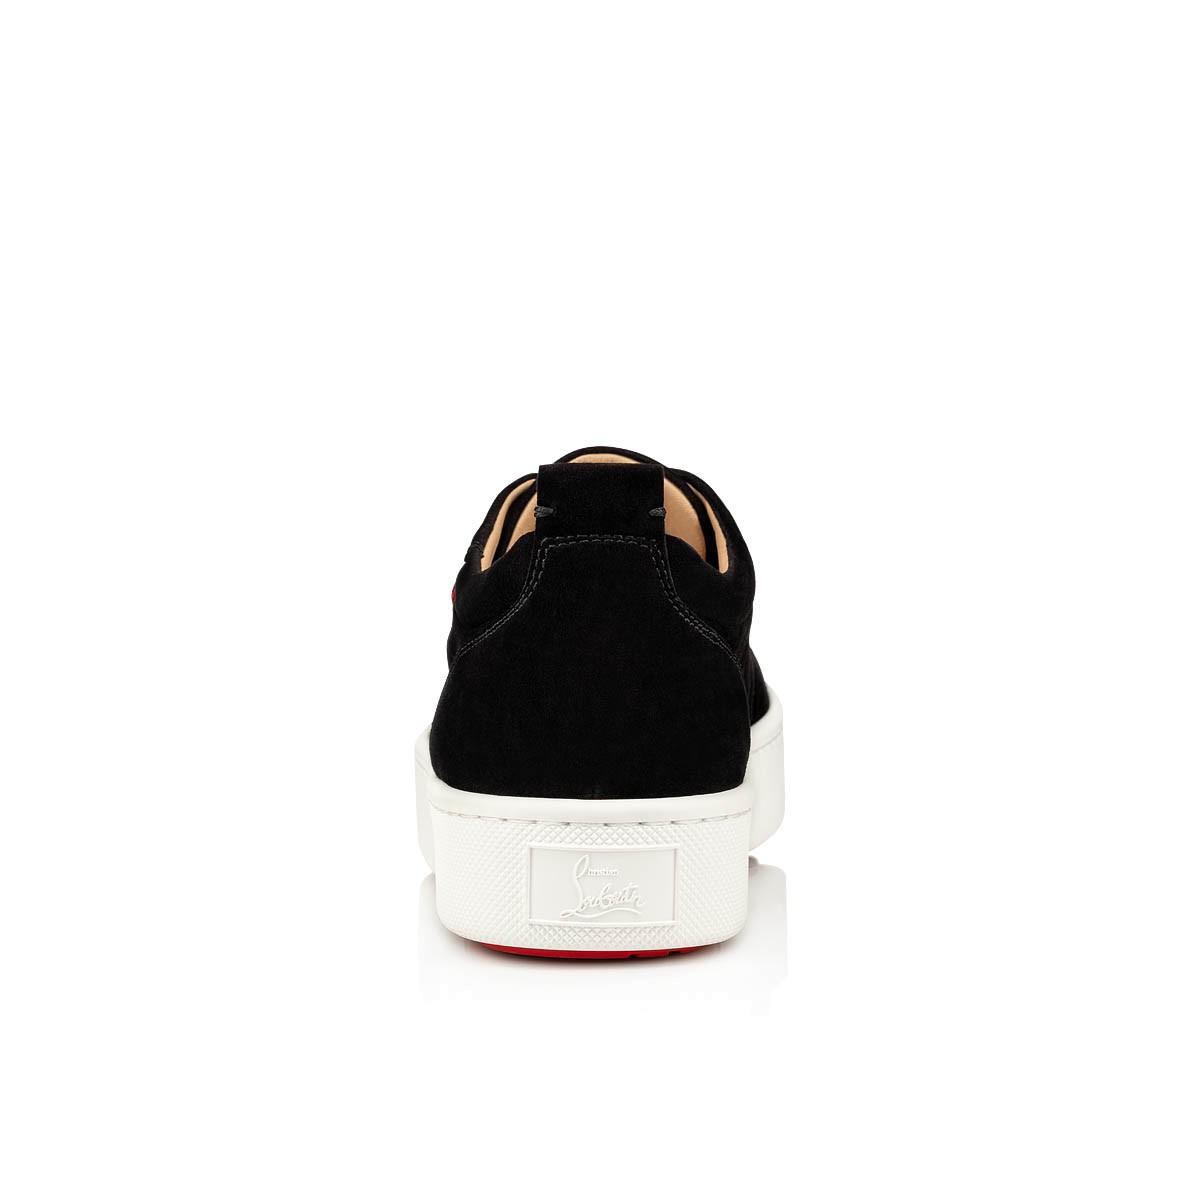 鞋履 - Happyrui Spikes - Christian Louboutin